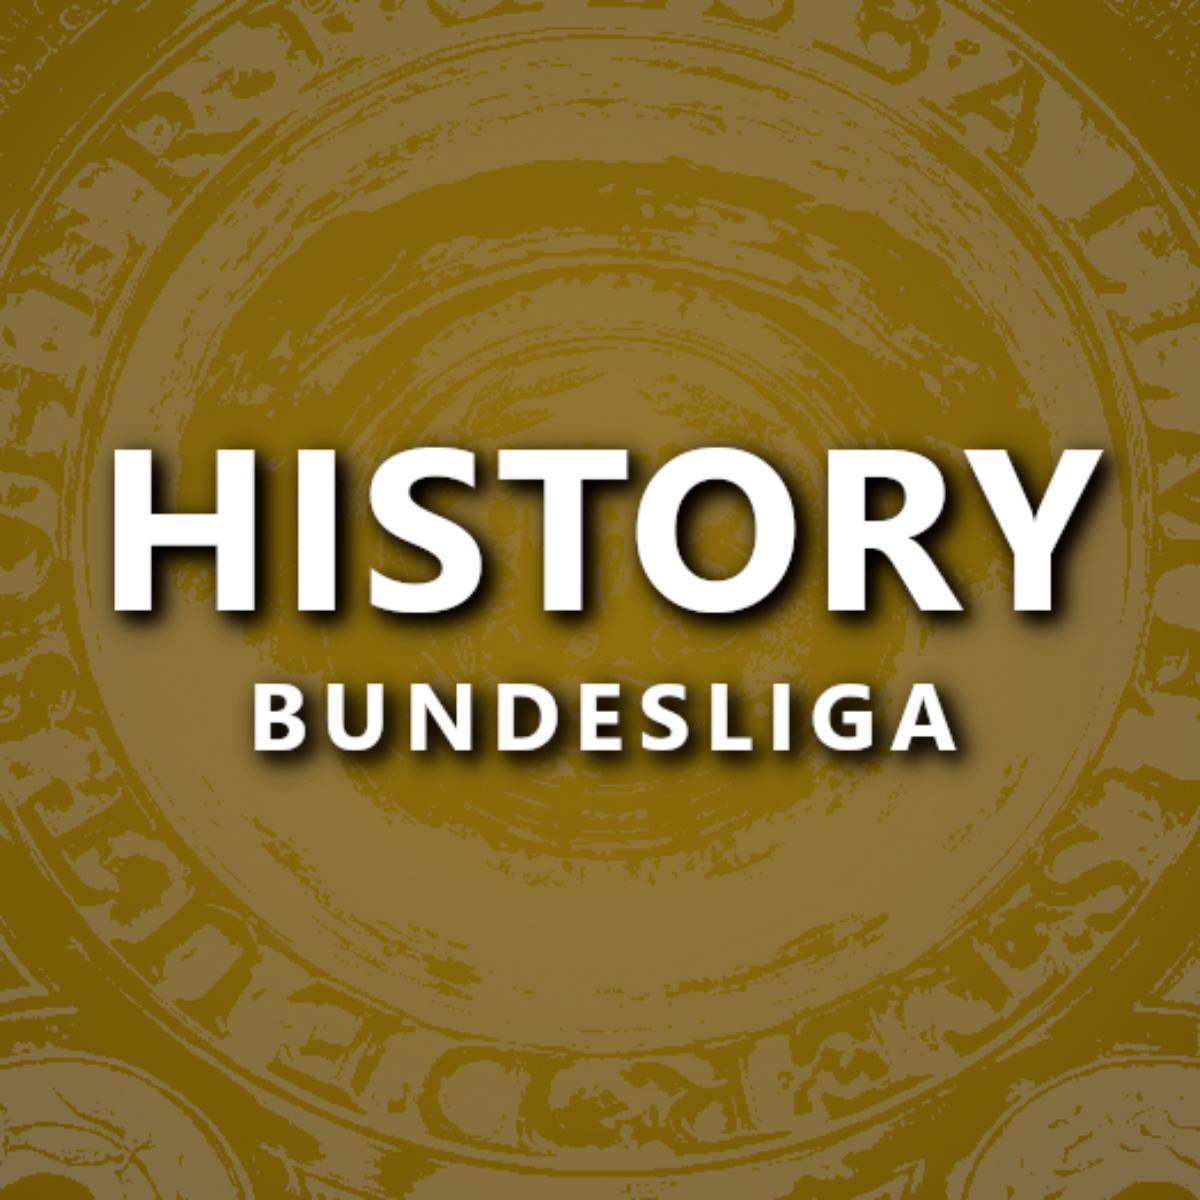 Historienspieltag: 29. Spieltag 1973/74